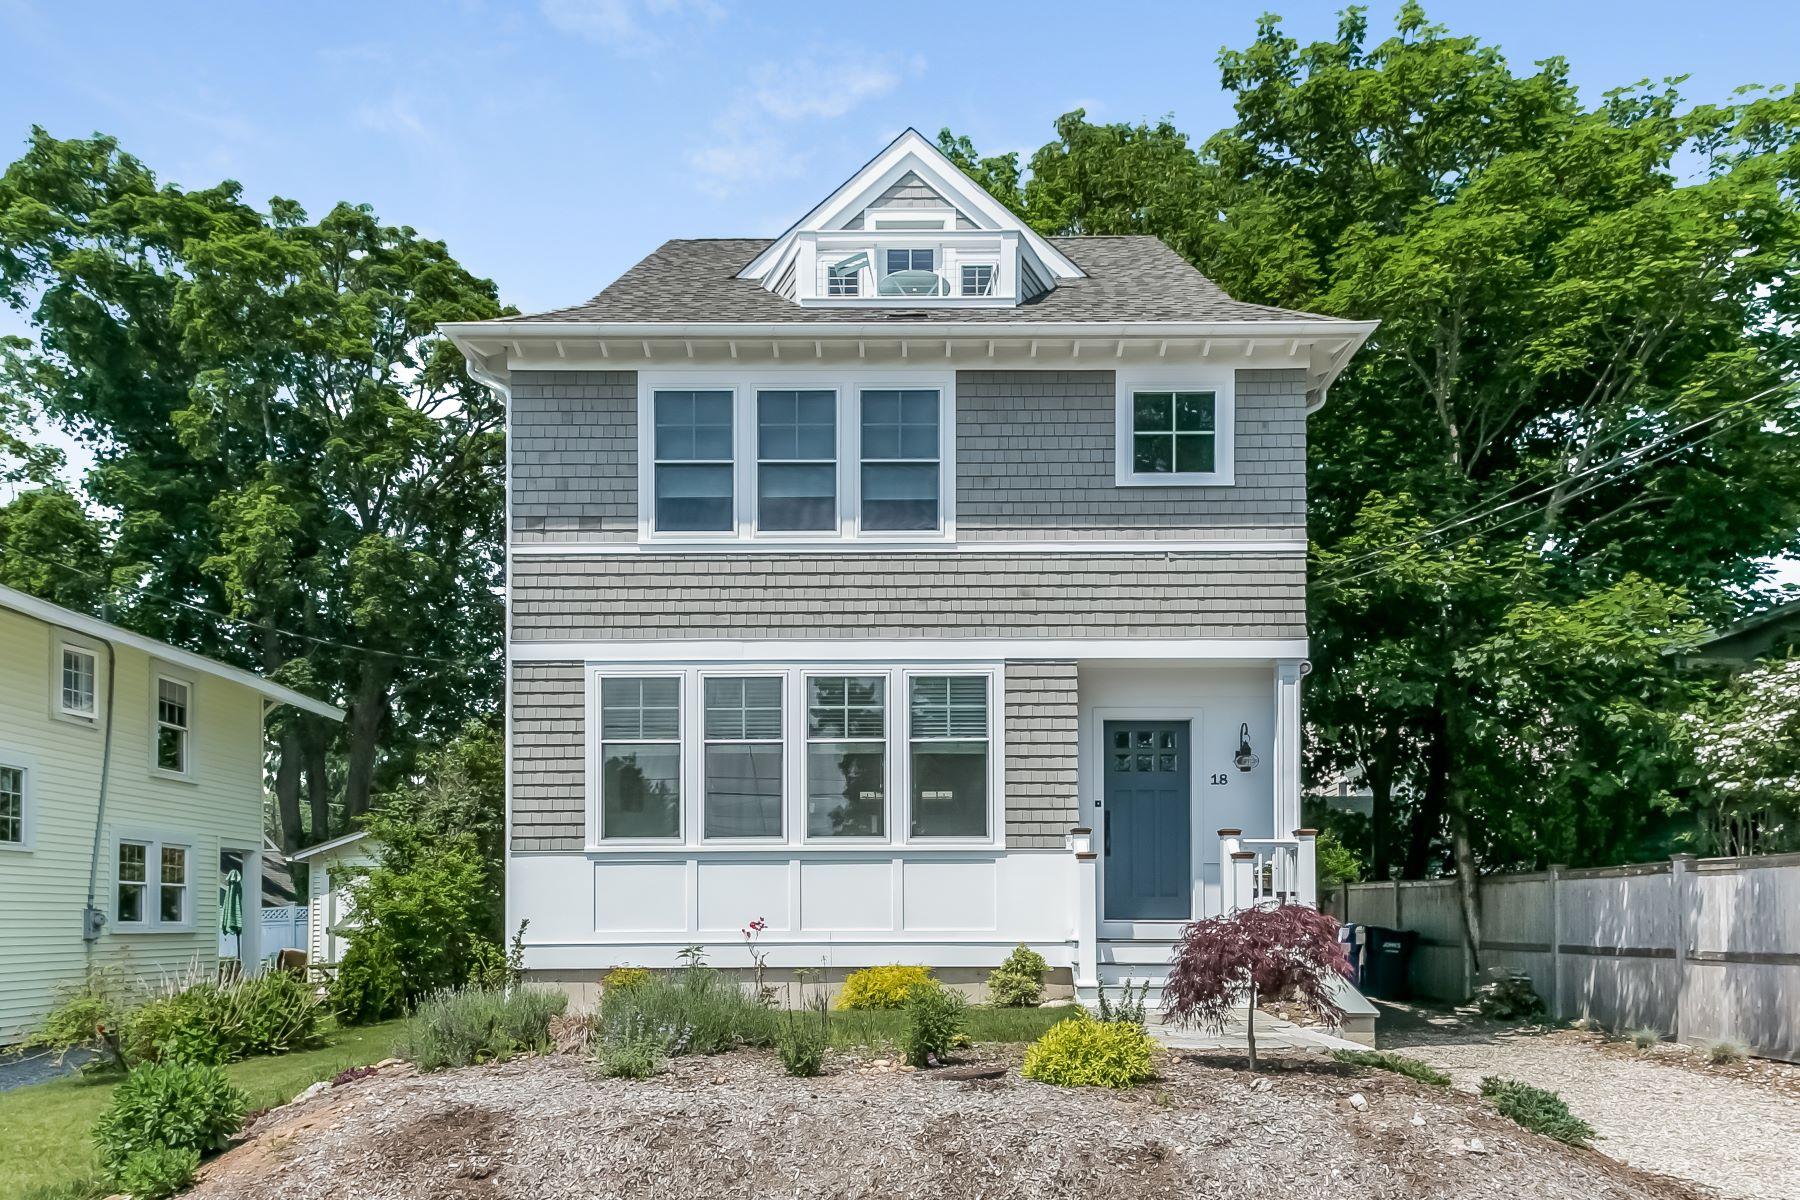 Nhà ở một gia đình vì Bán tại A Madison Gem! 18 Linden Ln Madison, Connecticut, 06443 Hoa Kỳ